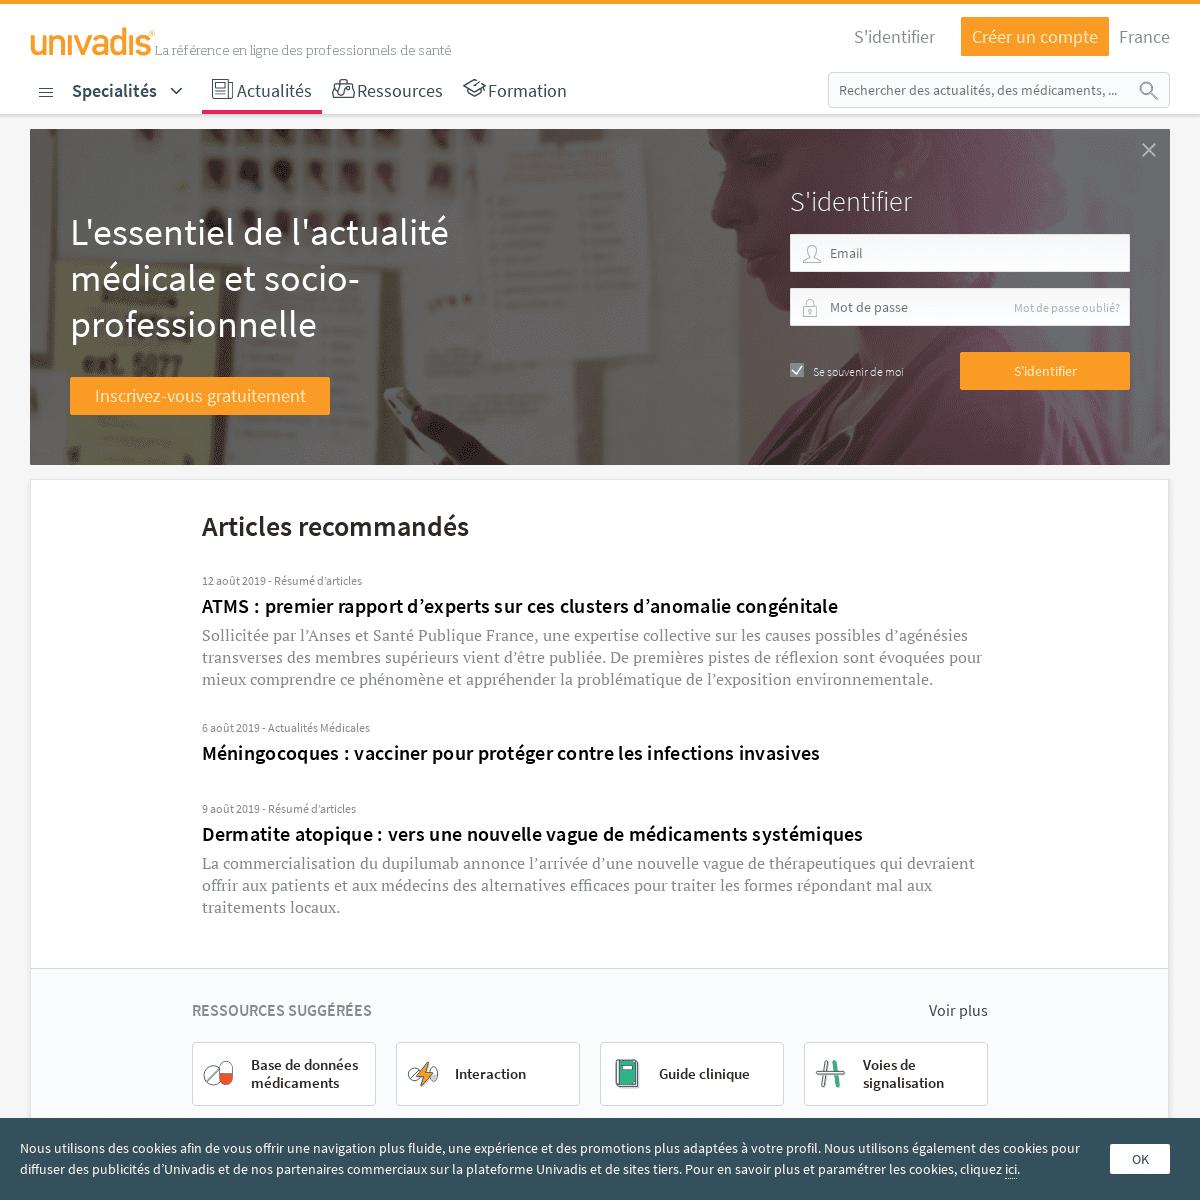 ArchiveBay.com - univadis.fr - Dernières actualités médicales - Univadis